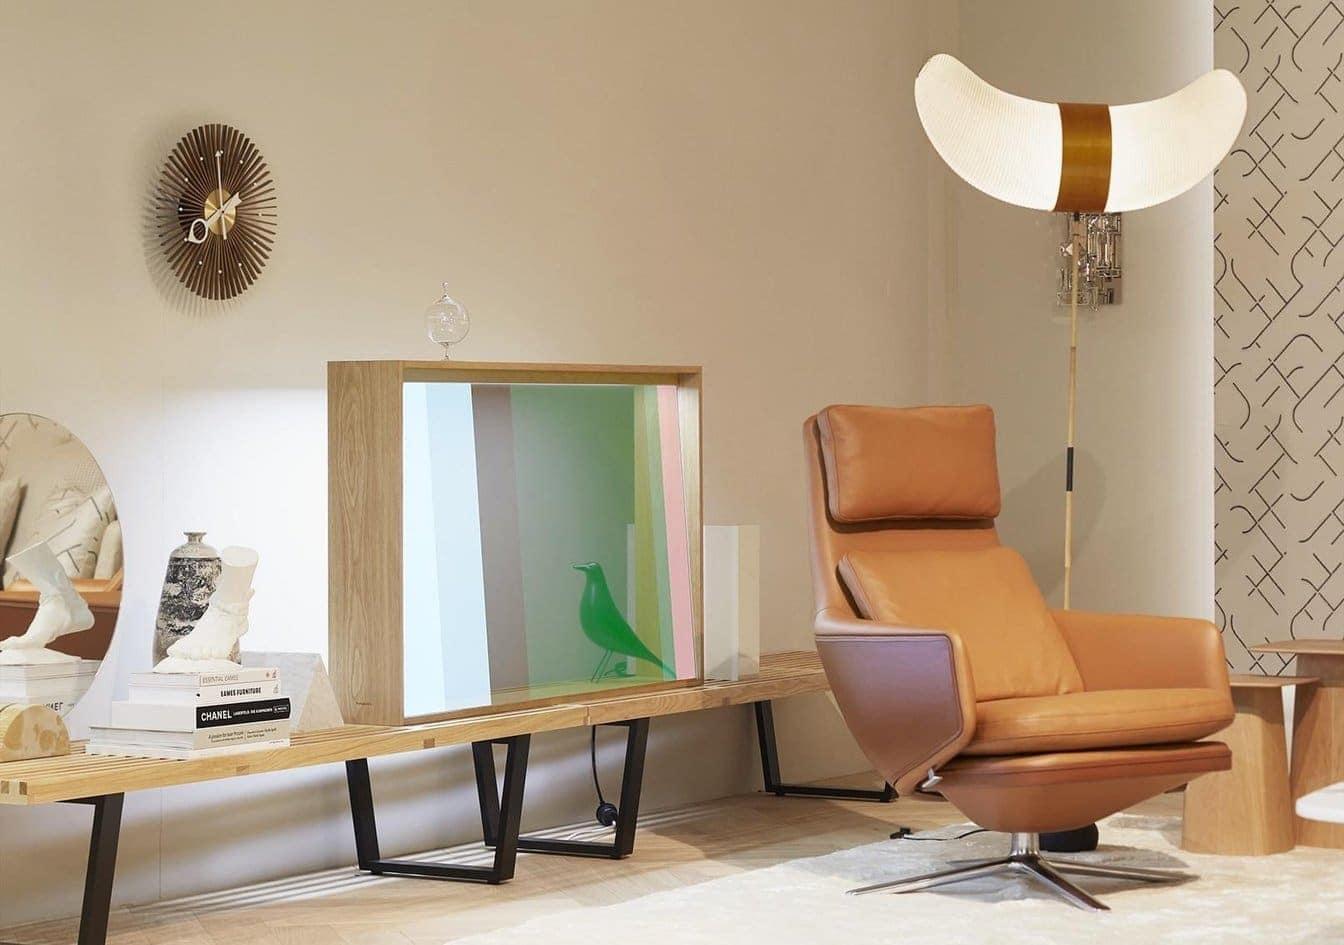 Smart TV transparente de Panasonic